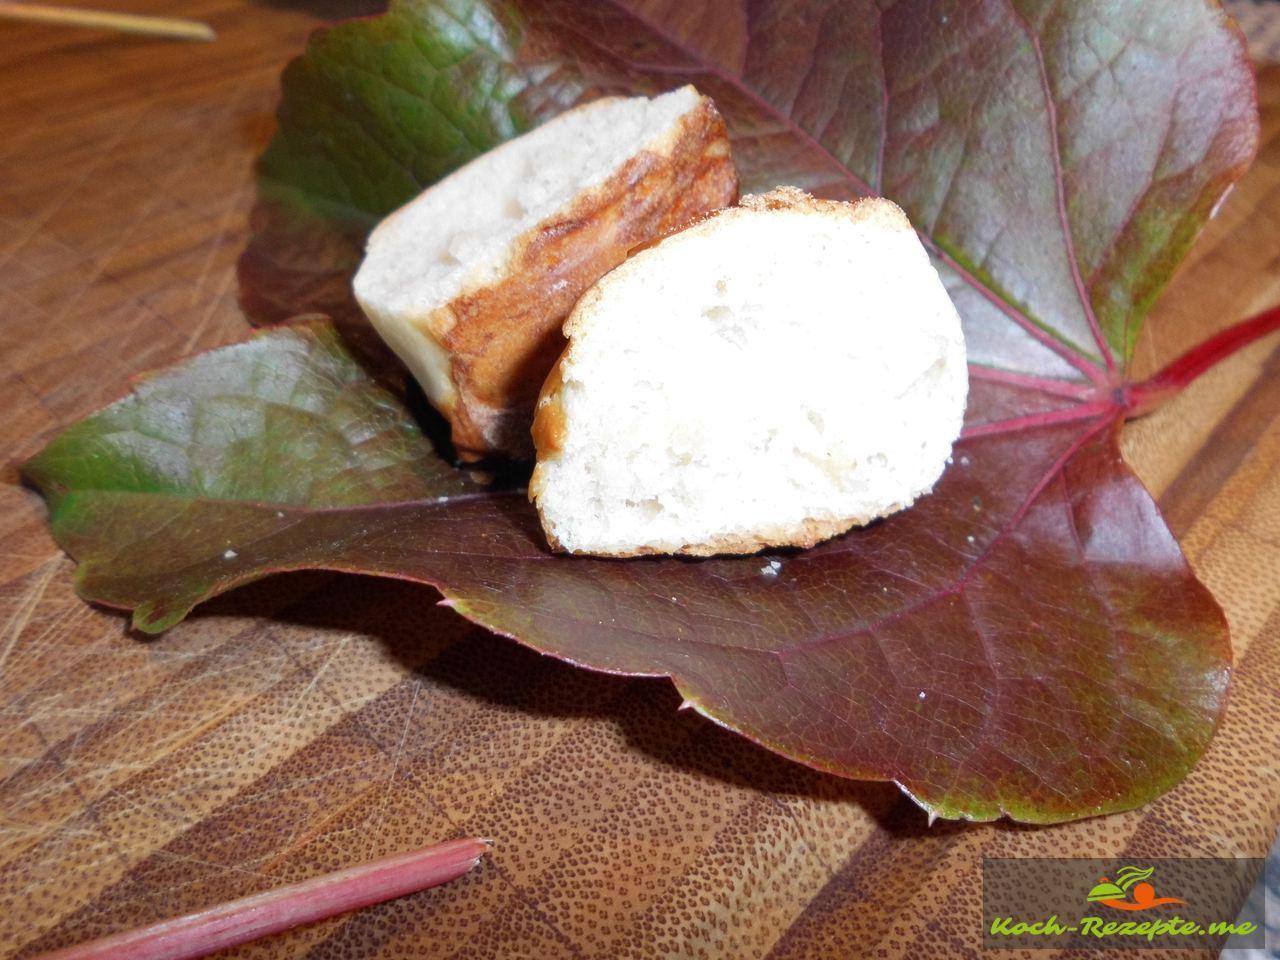 Laugengebäck mit Hefe hergestellt als Fingerfood innen sehr locker außen knusprig